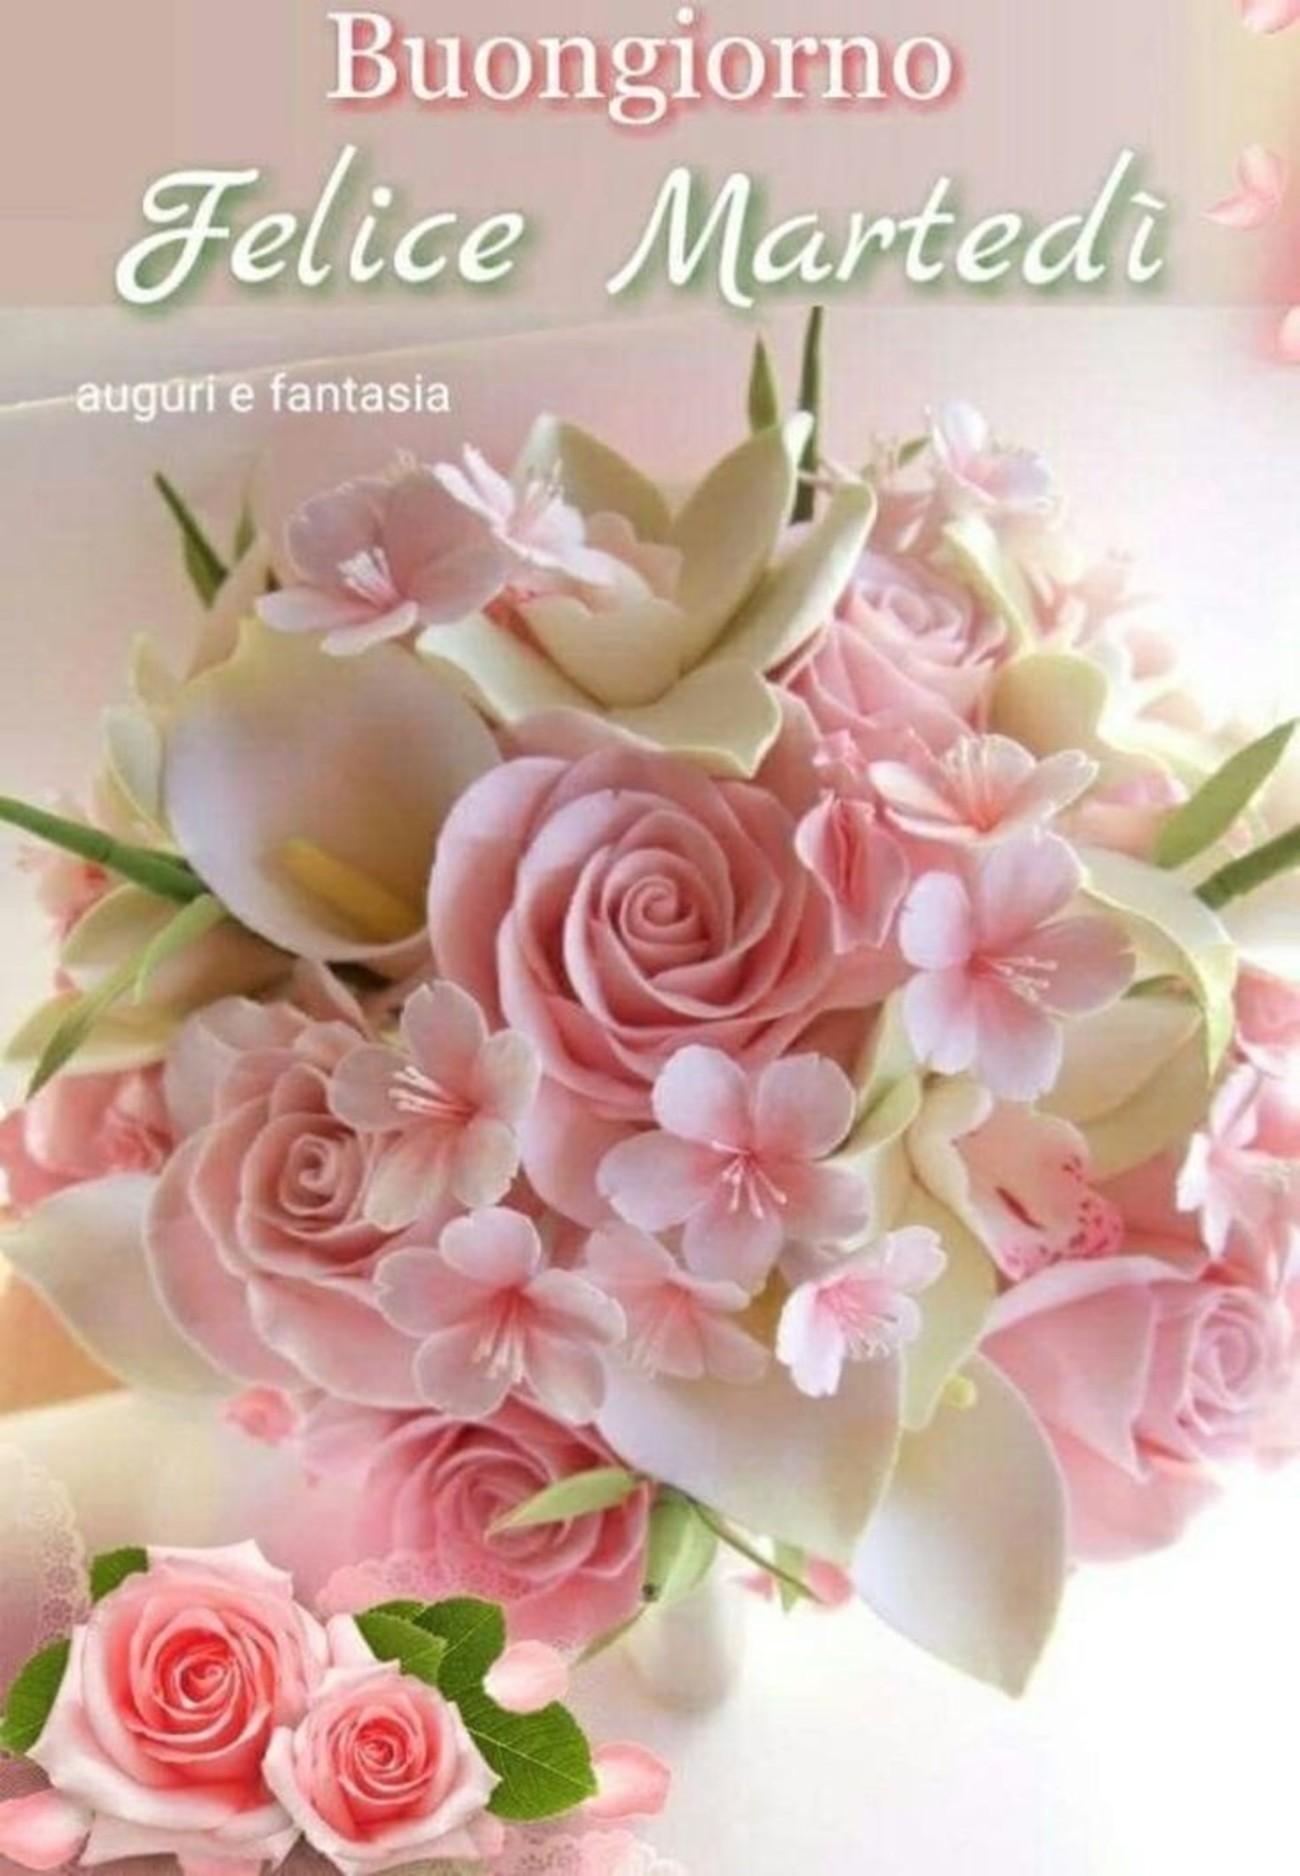 Belle Immagini Nuove Del Buon Martedì 3 Buongiornoate It